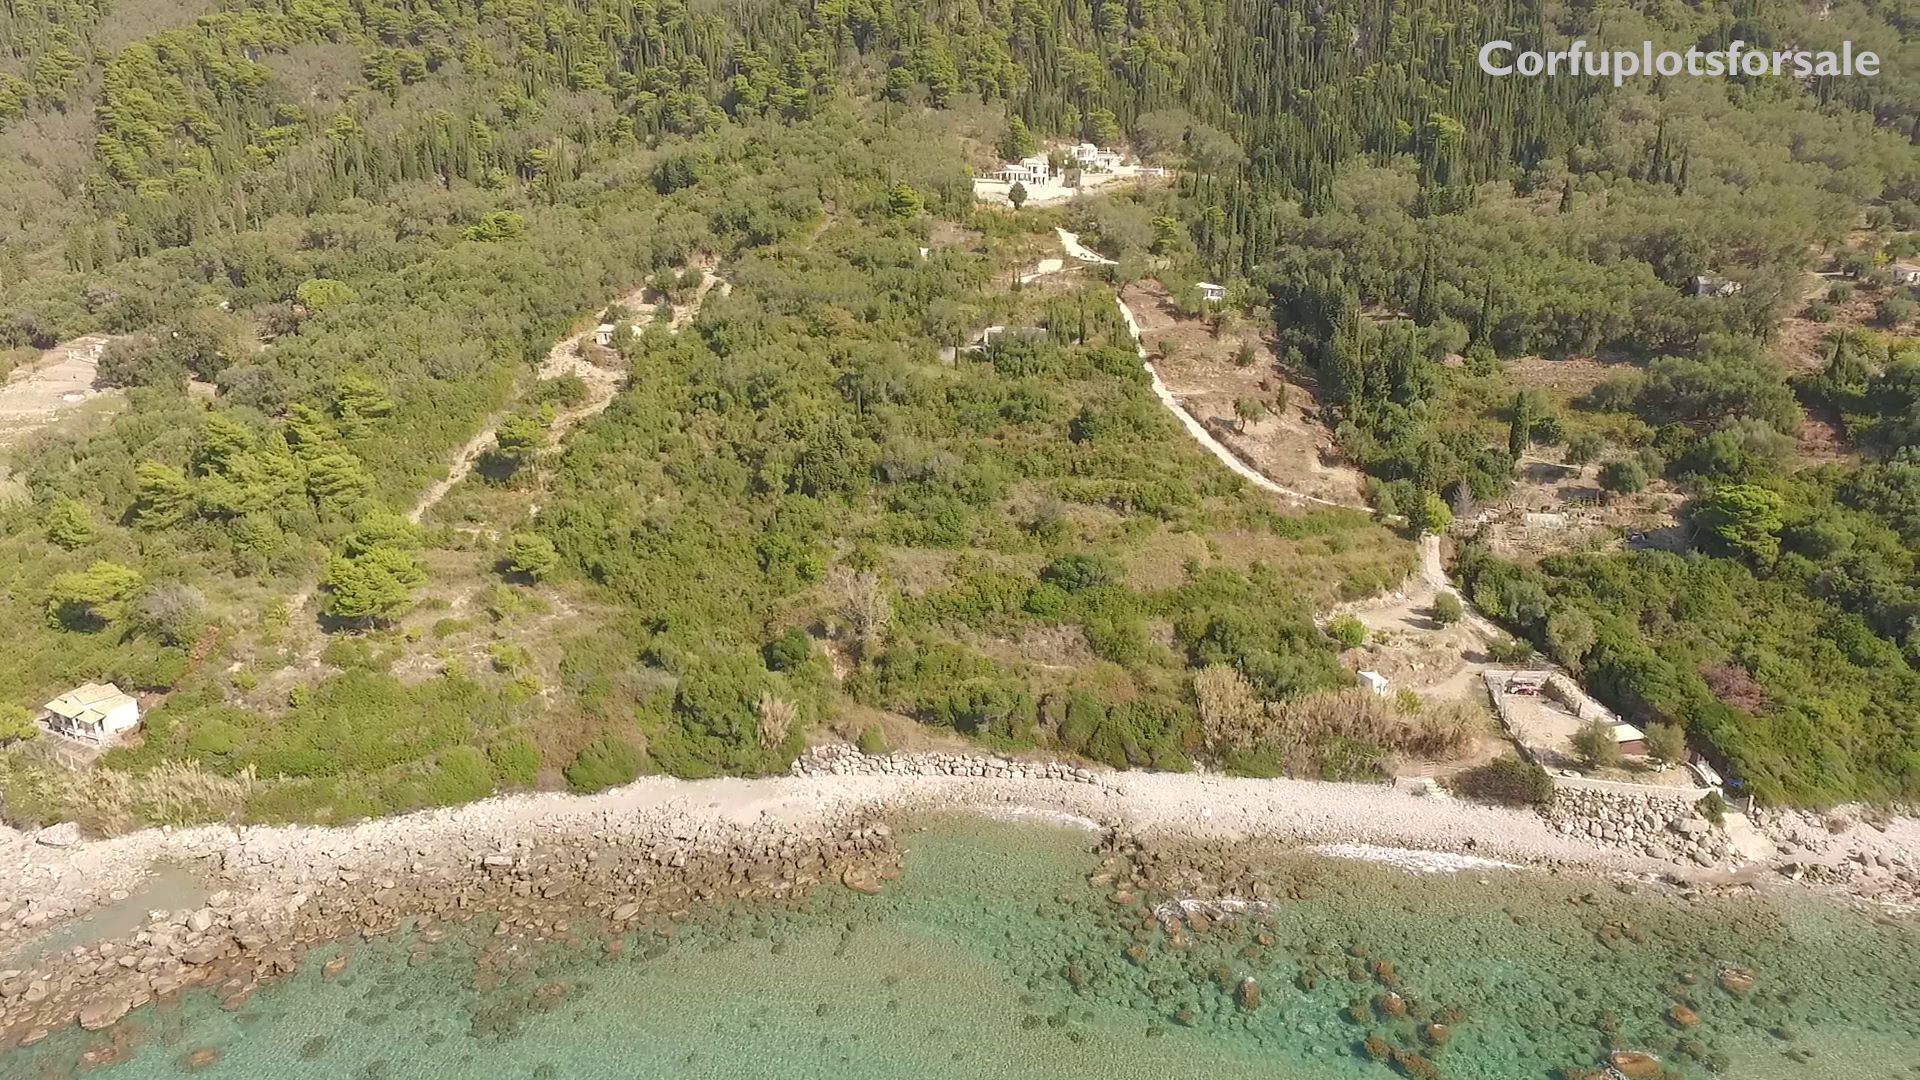 6977,12 sq.m. Plot in Agios Gordios Corfu (on the beach)